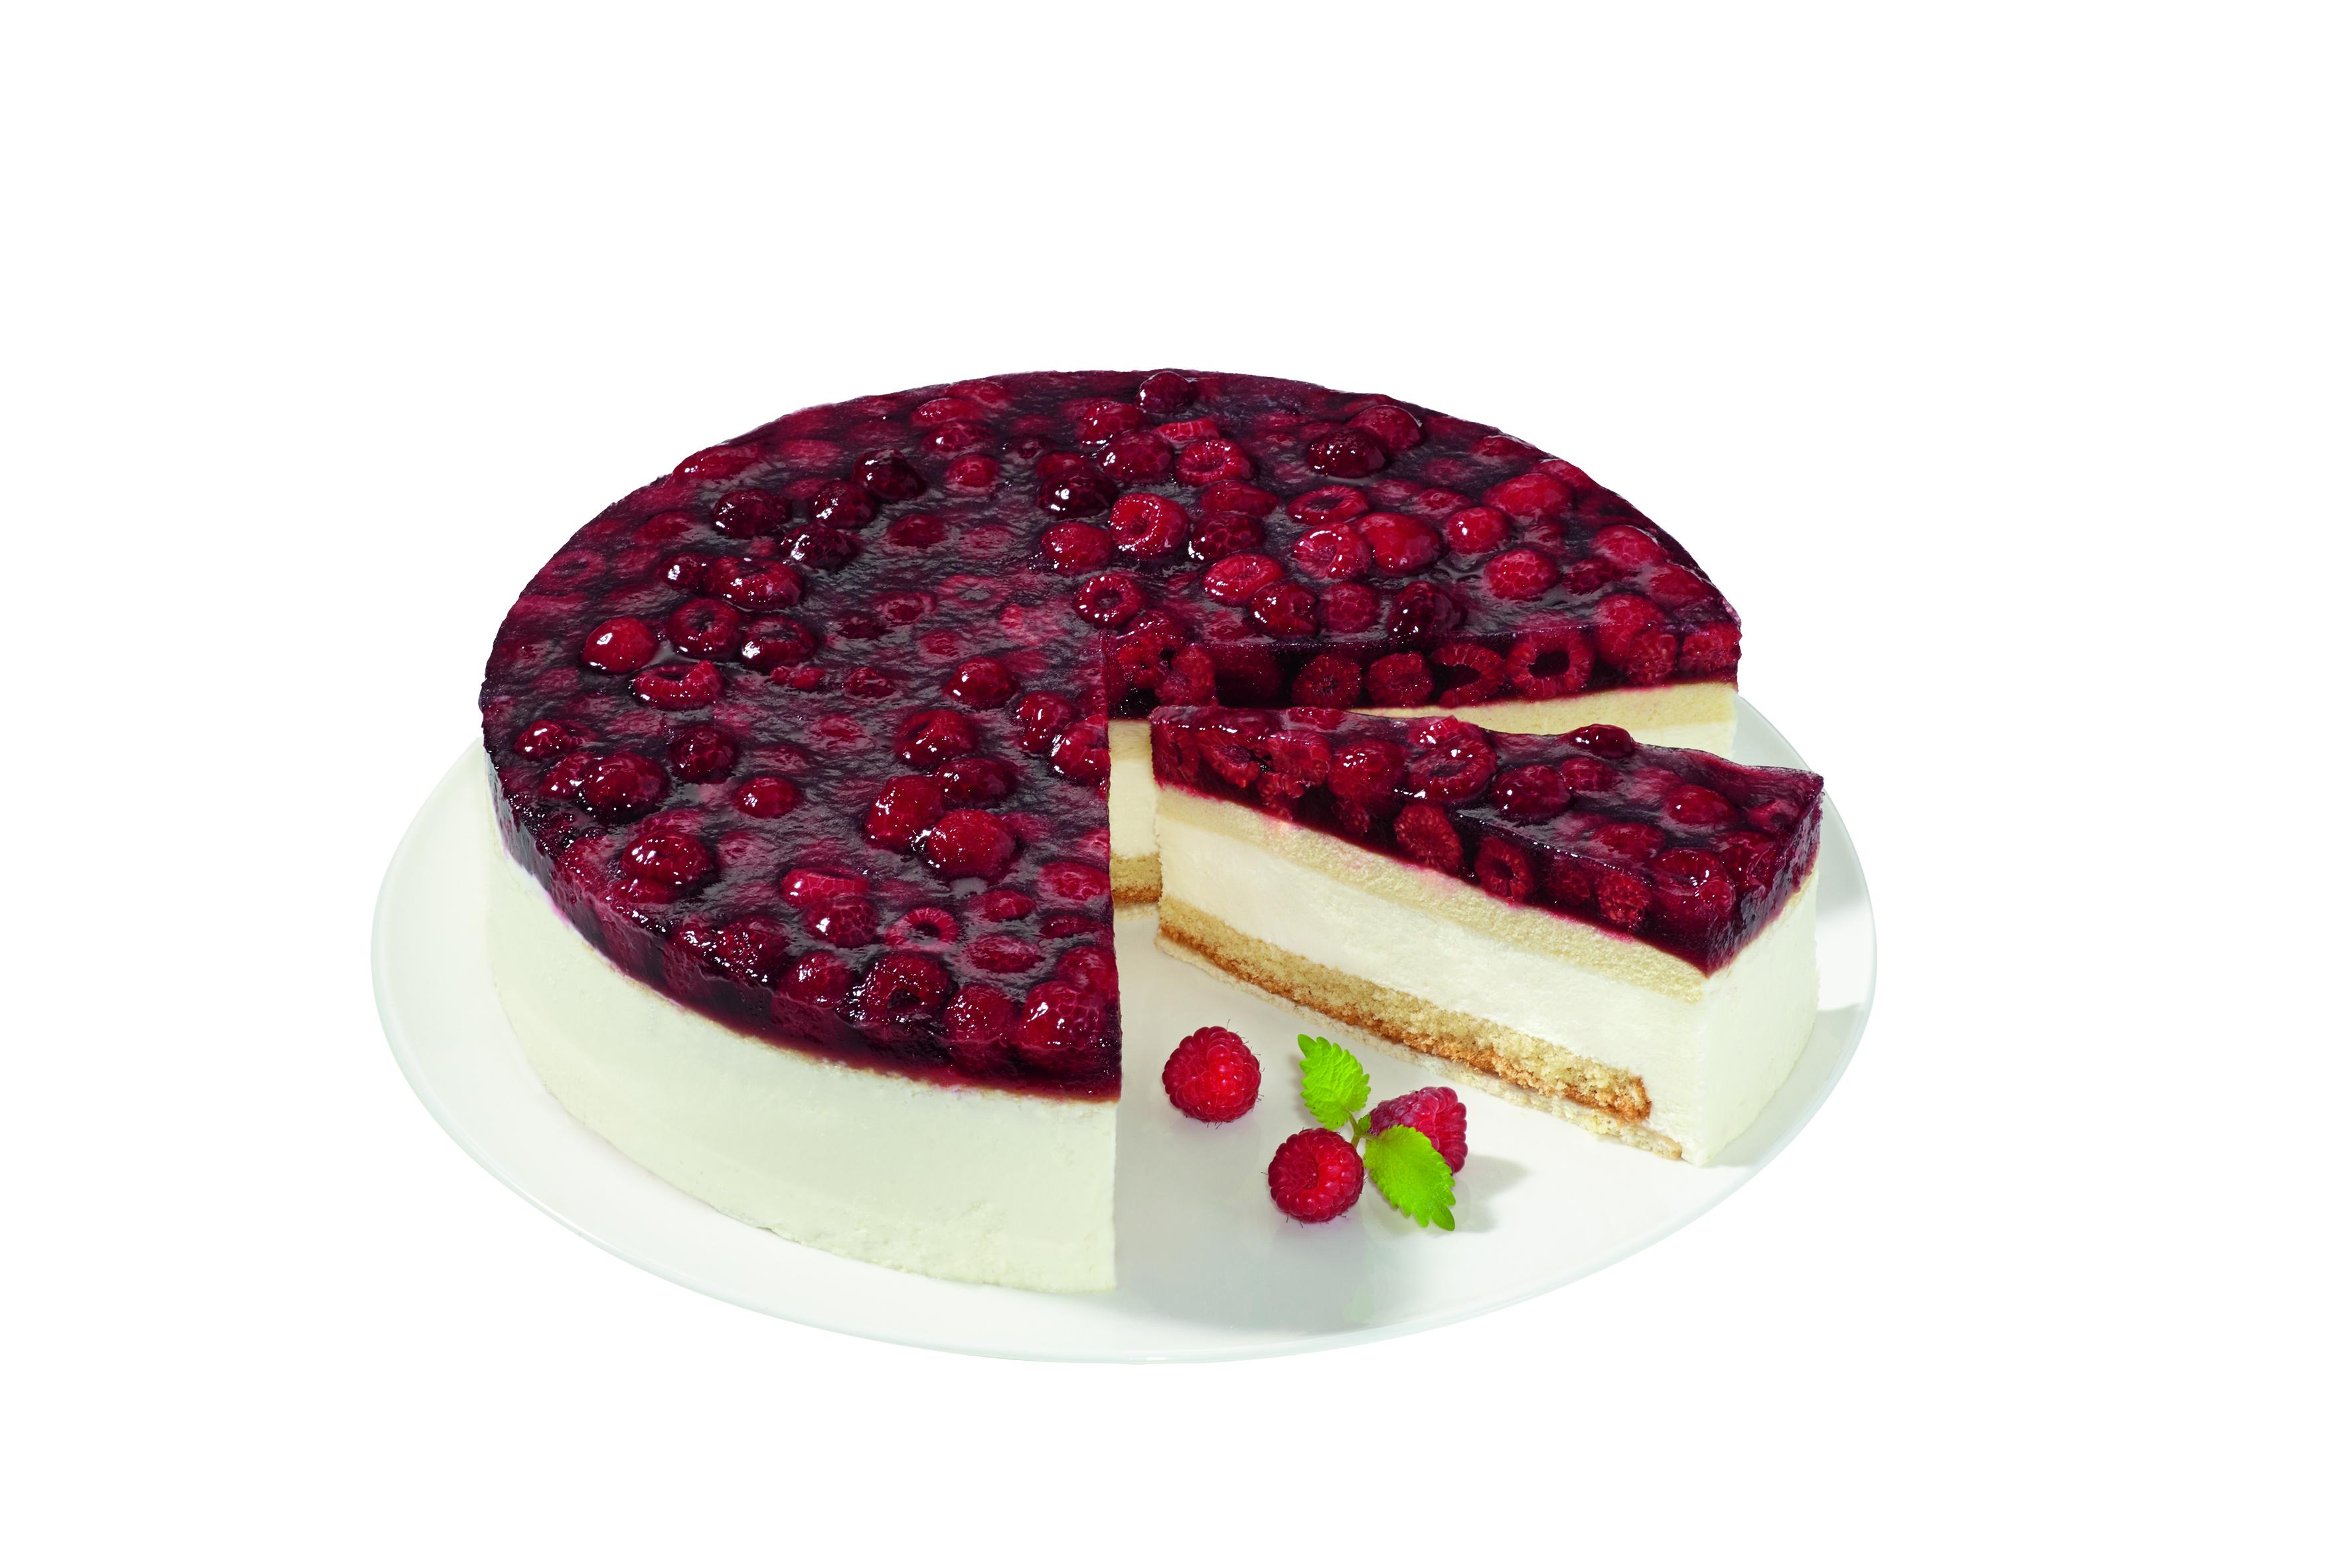 Erdbeer sahne torte einfrieren